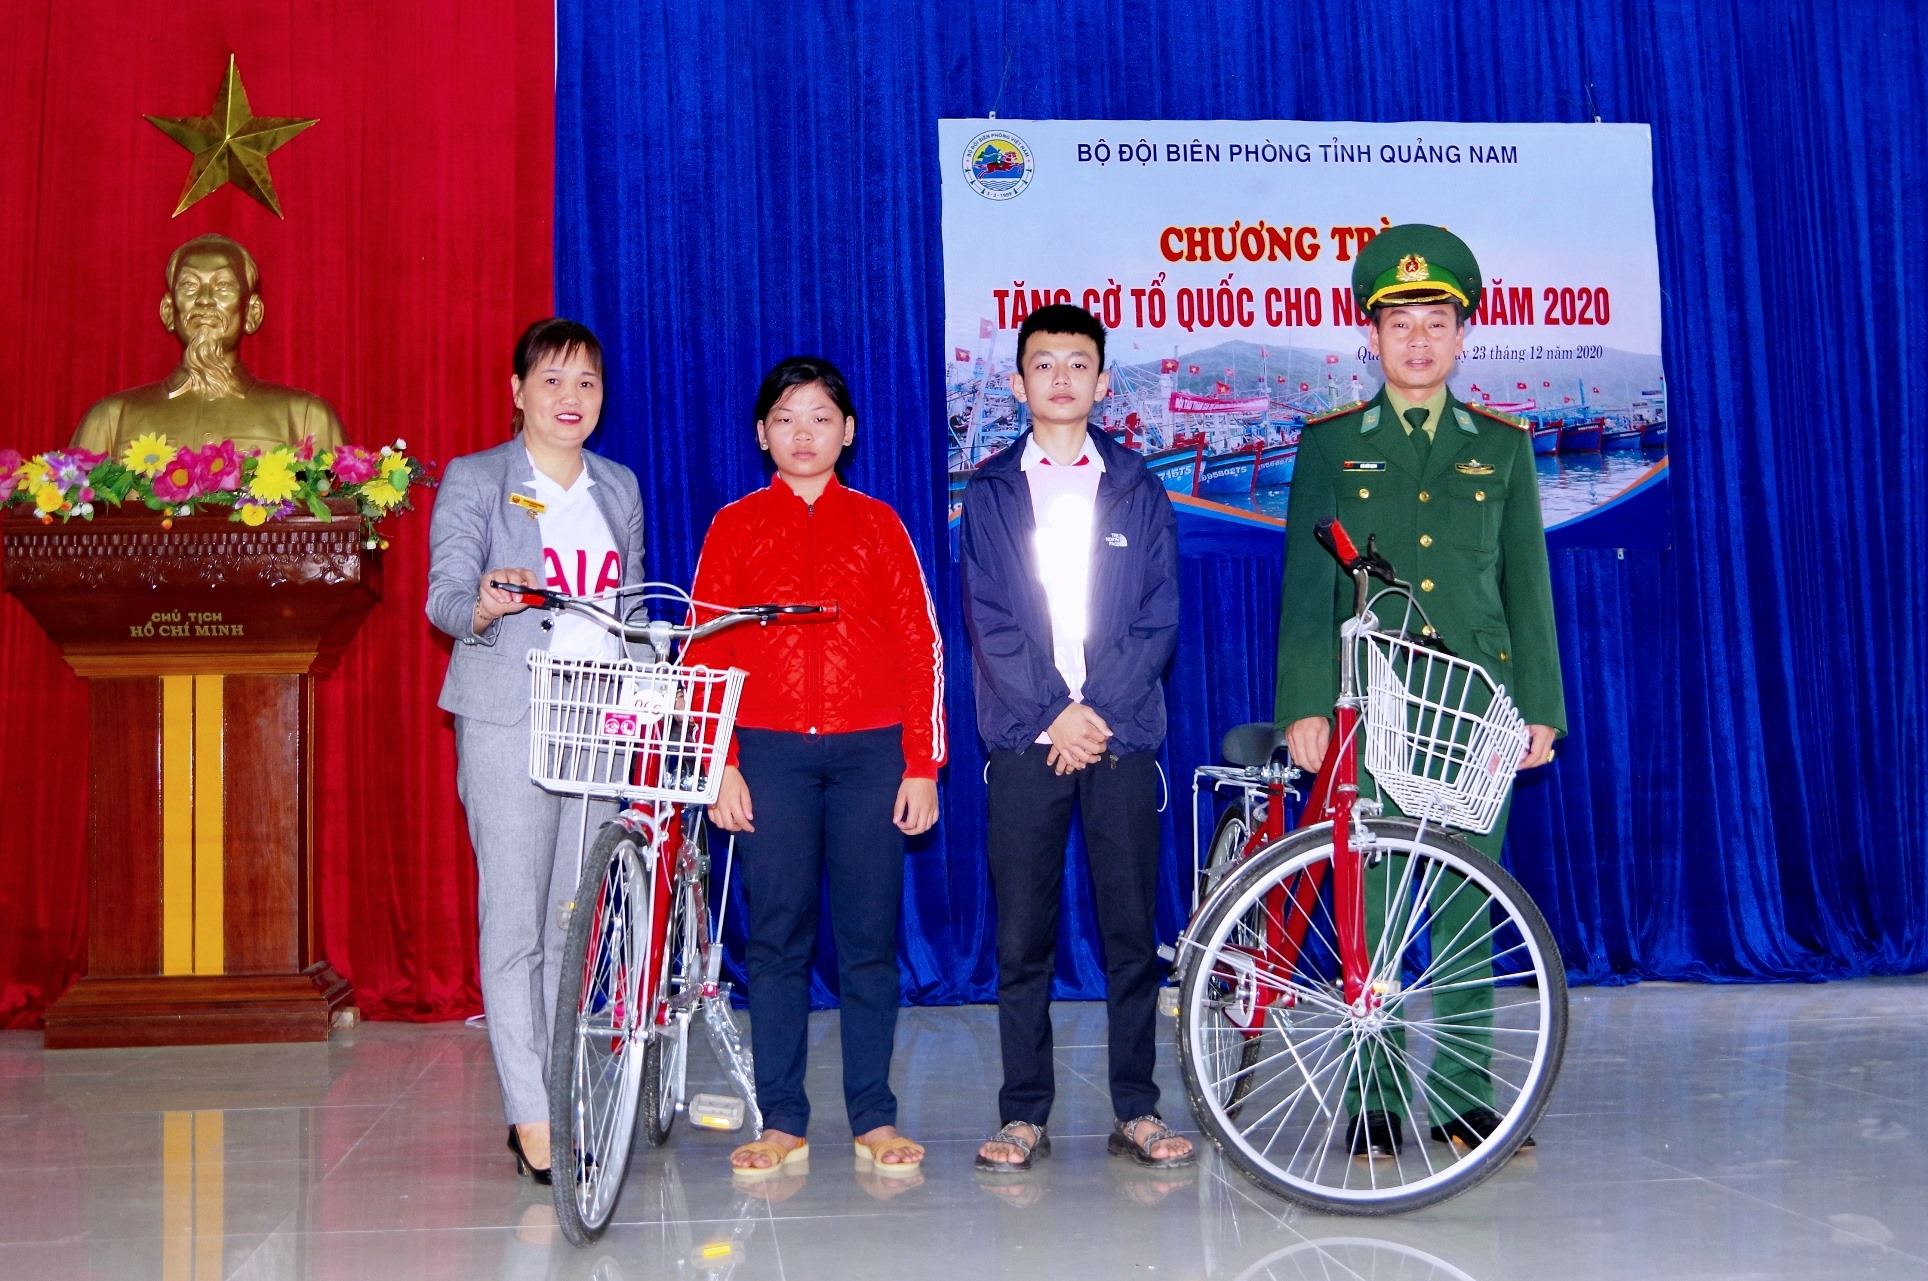 """Trao tặng xe đạp cho 2 em học sinh có hoàn cảnh khó khăn trong chương trình """" Nâng bước em đến trường""""."""